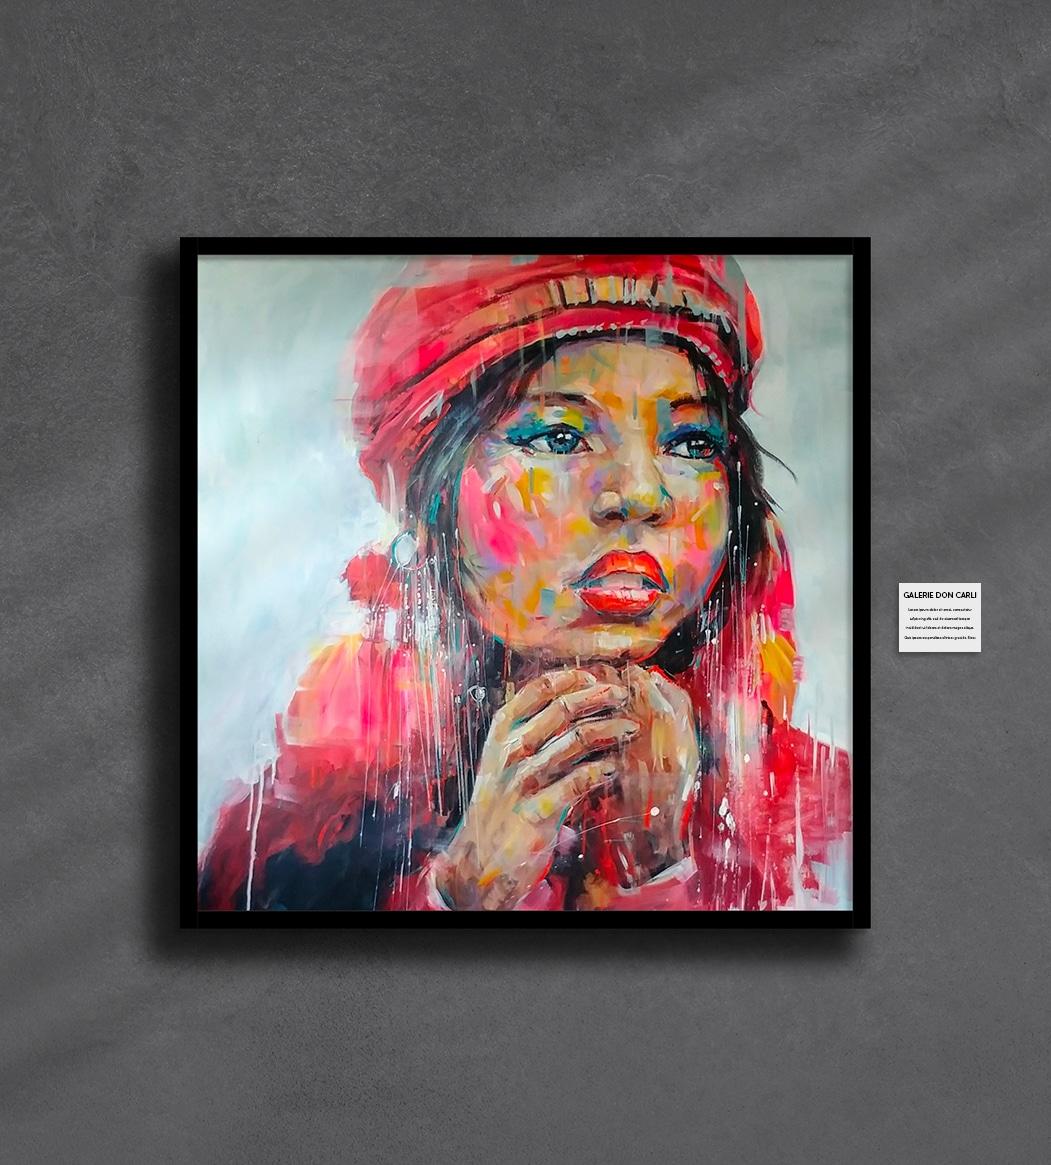 Galerie Don Carli Van Tam Hoping